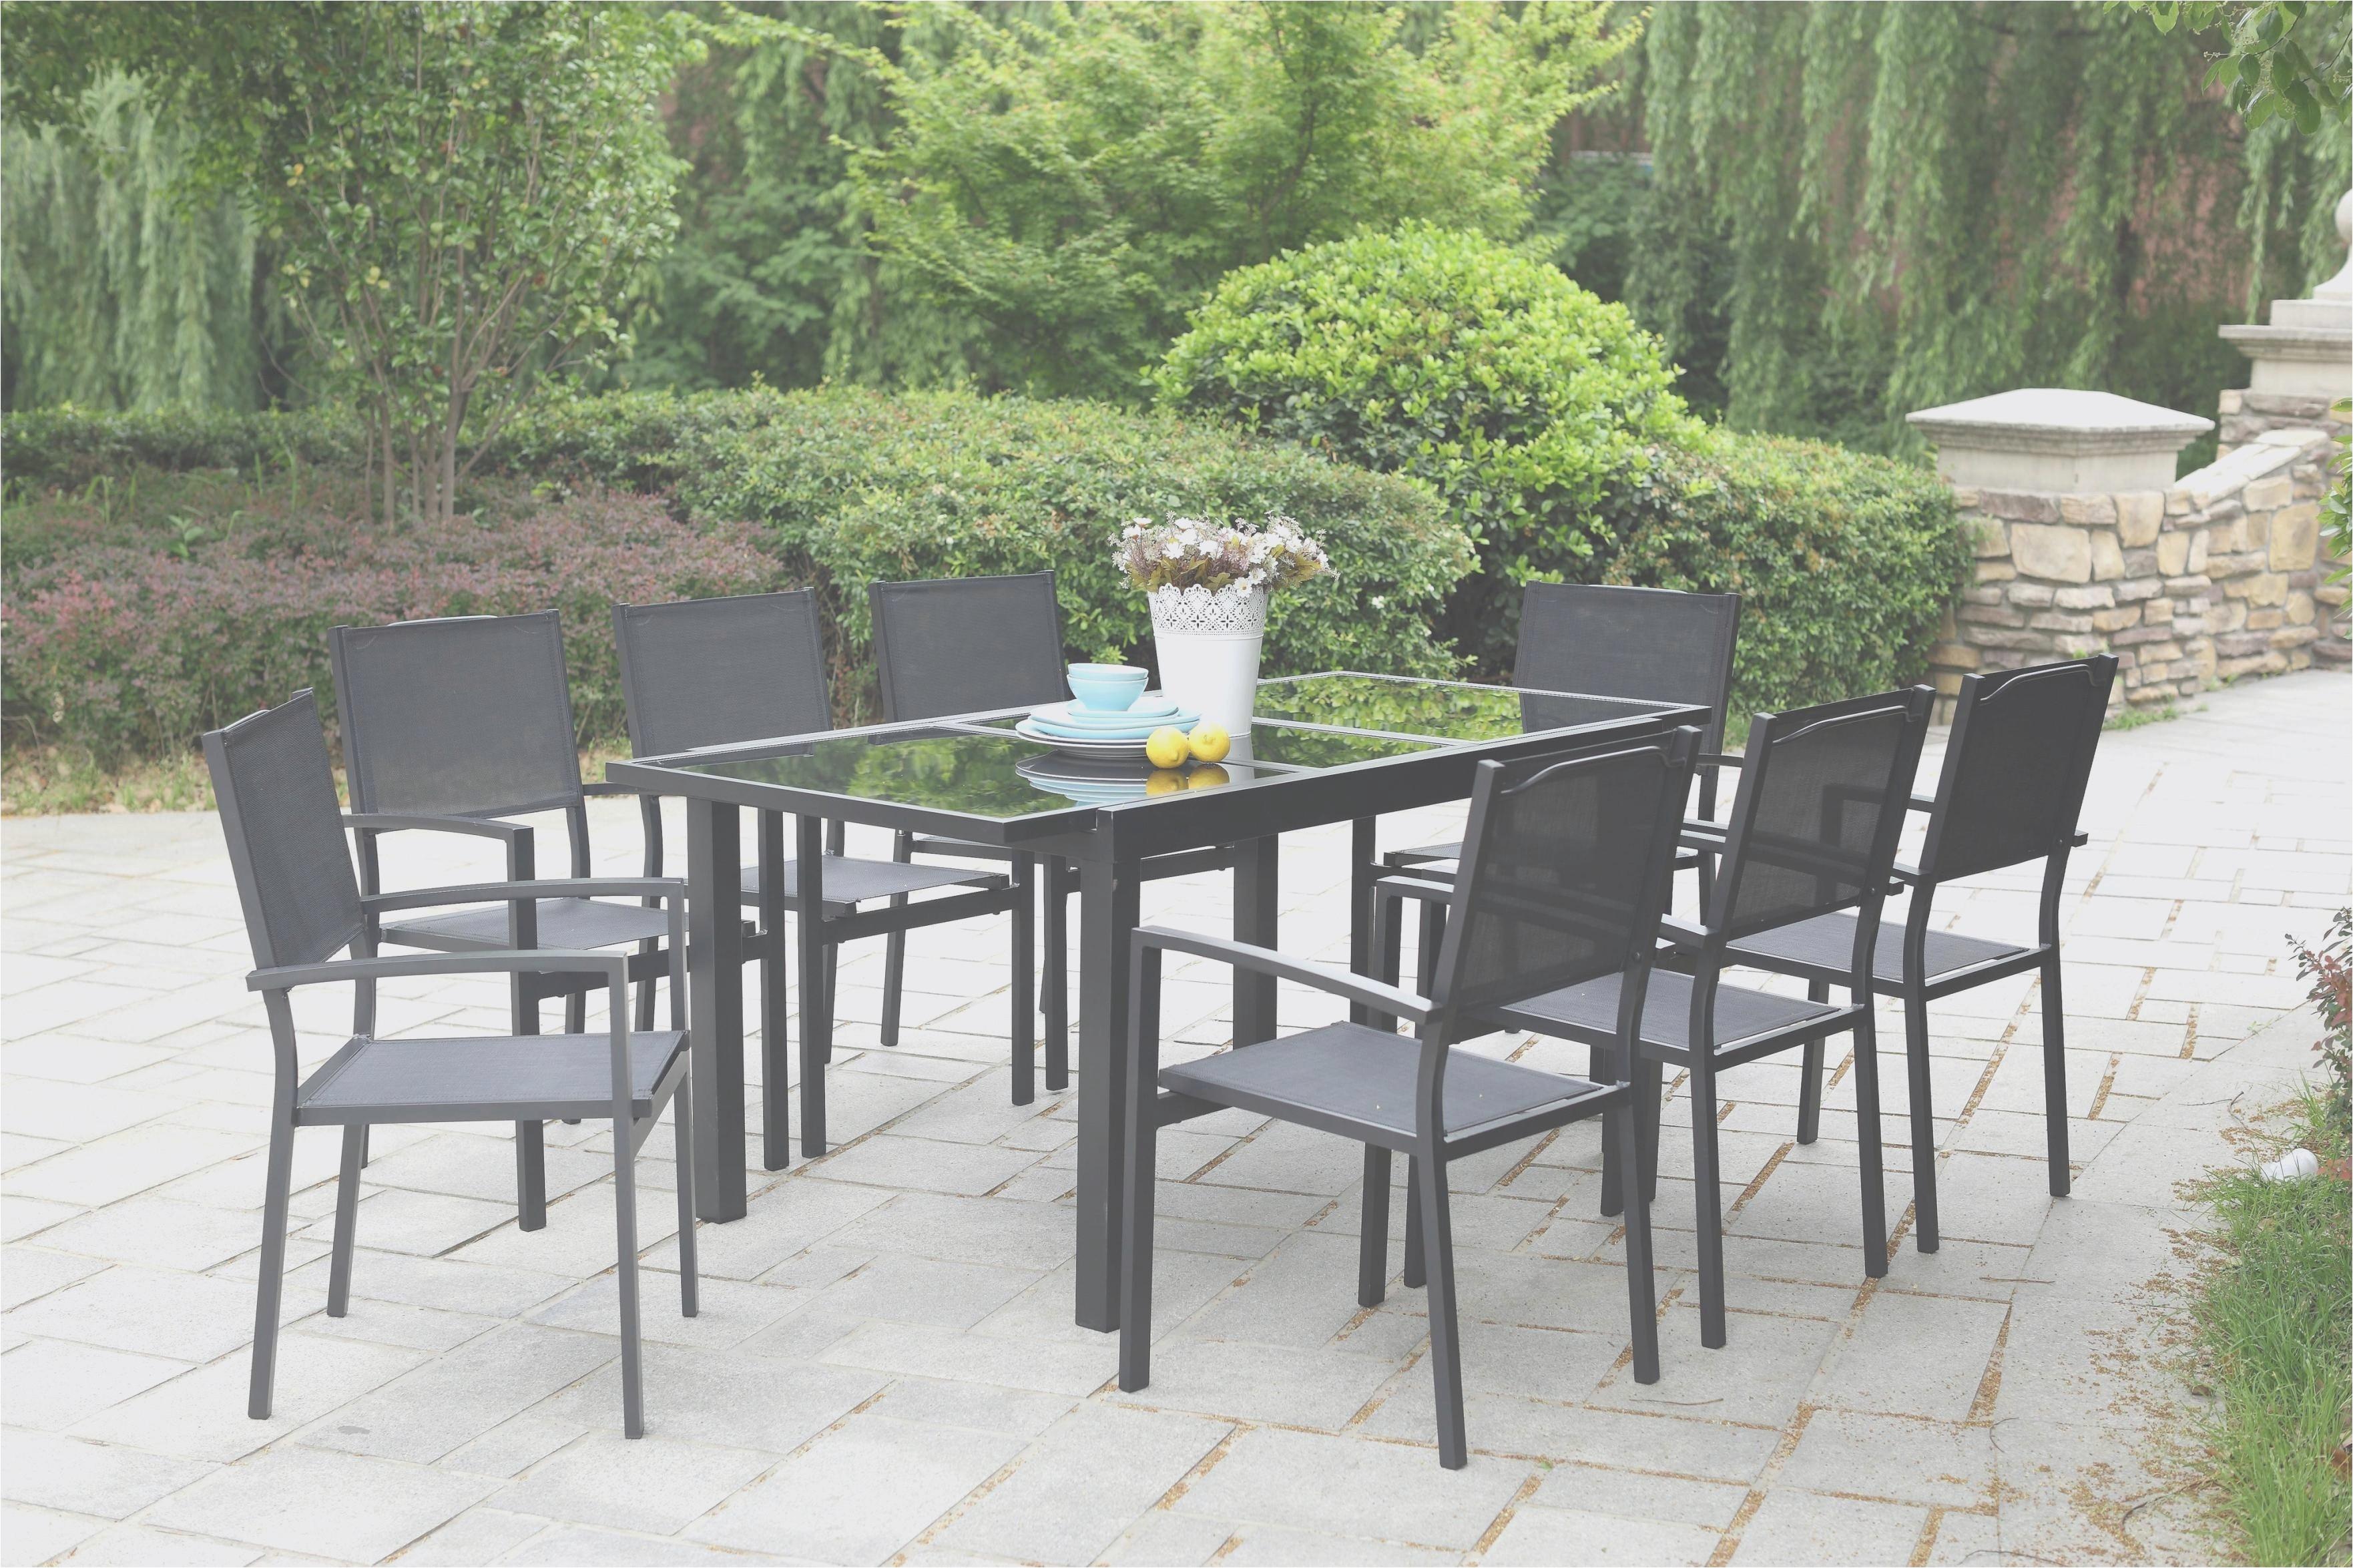 Petite Table Pliante Gifi Nouveau Photographie Table De Jardin Pas Cher Gifi